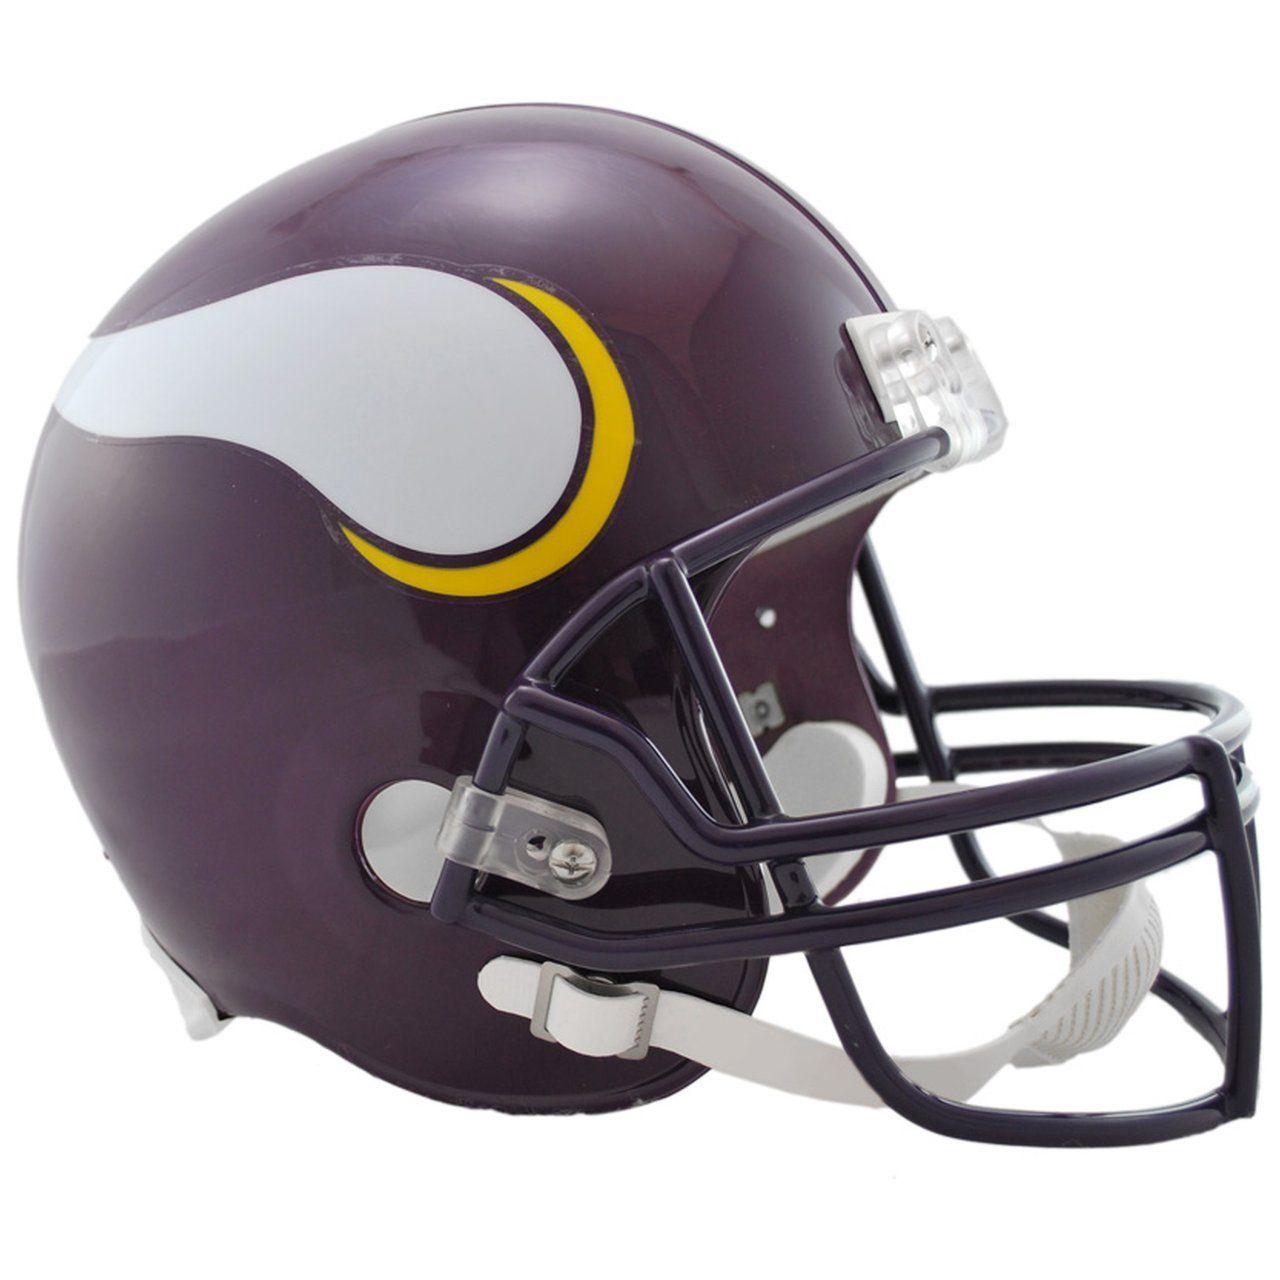 amfoo - Riddell VSR4 Replica Football Helm - Minnesota Vikings 83-01